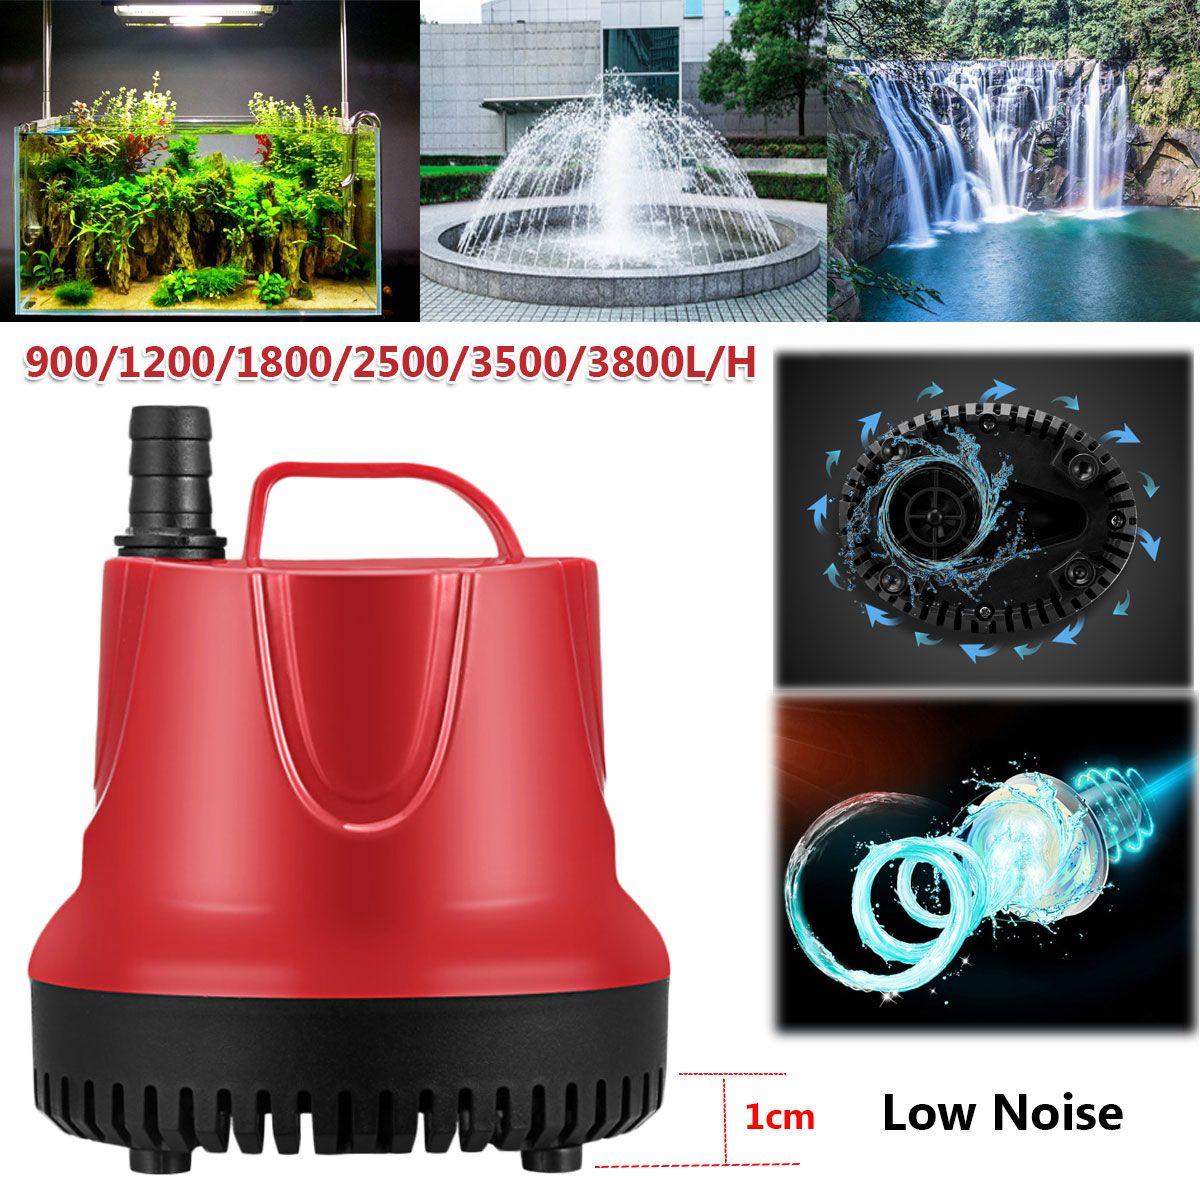 10/15/30/45/60/80W 50Hz pompe à eau réservoir de poisson Submersible pompe Ultra-silencieuse fontaine Aquarium étang bec caractéristique pompe avec prise US